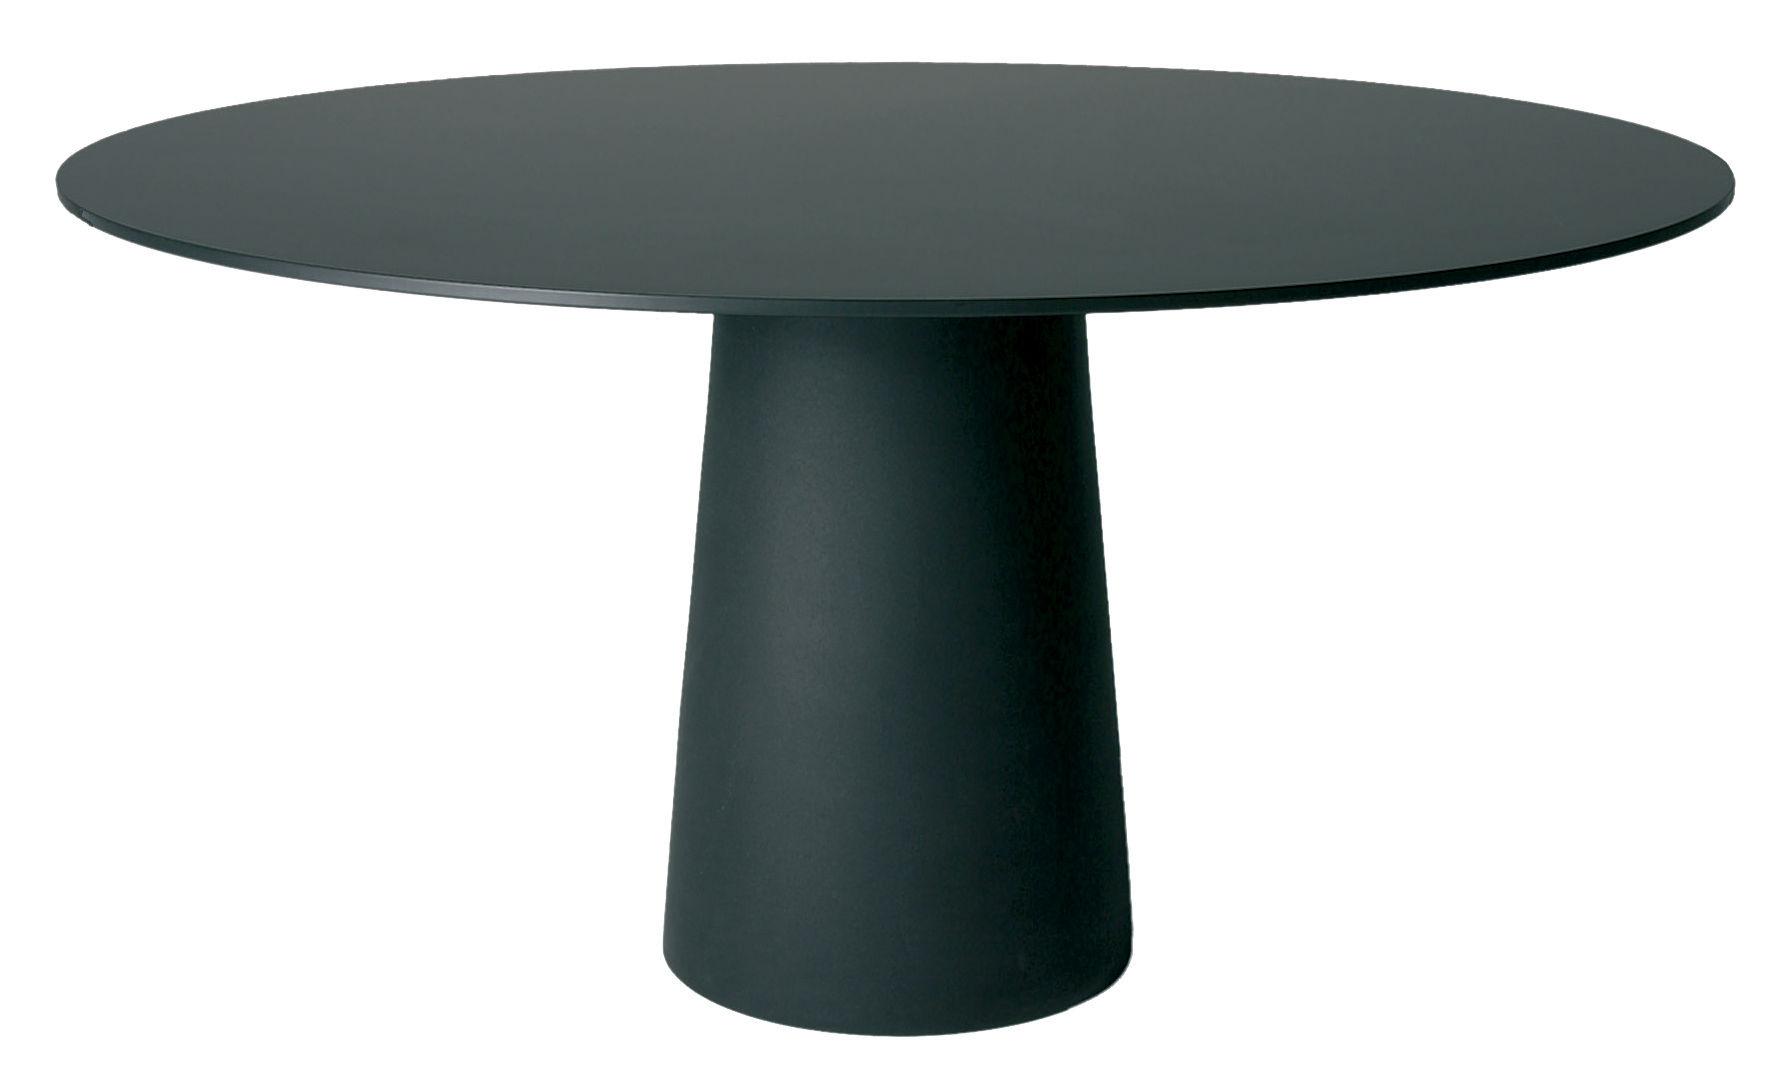 Jardin - Tables de jardin - Plateau de table Container / Ø 160 cm - Moooi - Plateau noir - Ø 160 cm - HPL